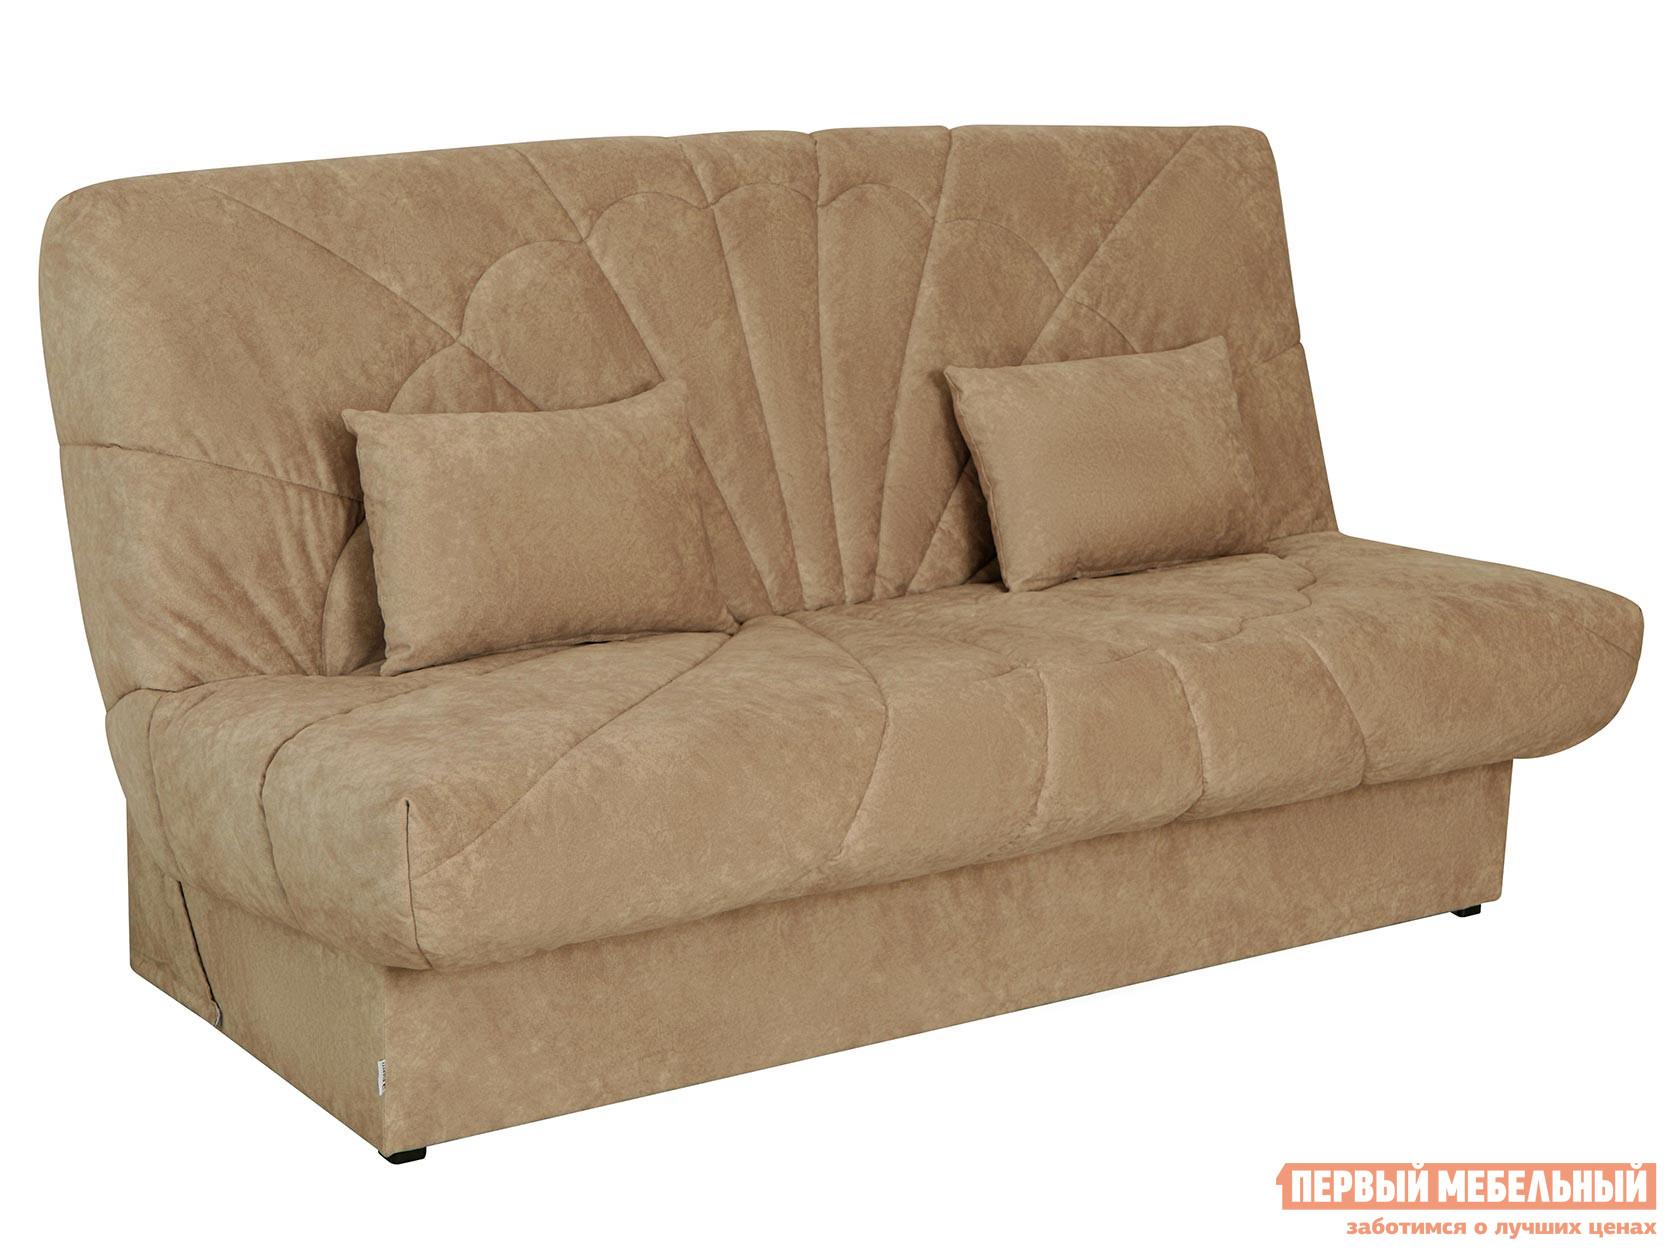 Прямой диван Первый Мебельный Диван Маракеш Люкс